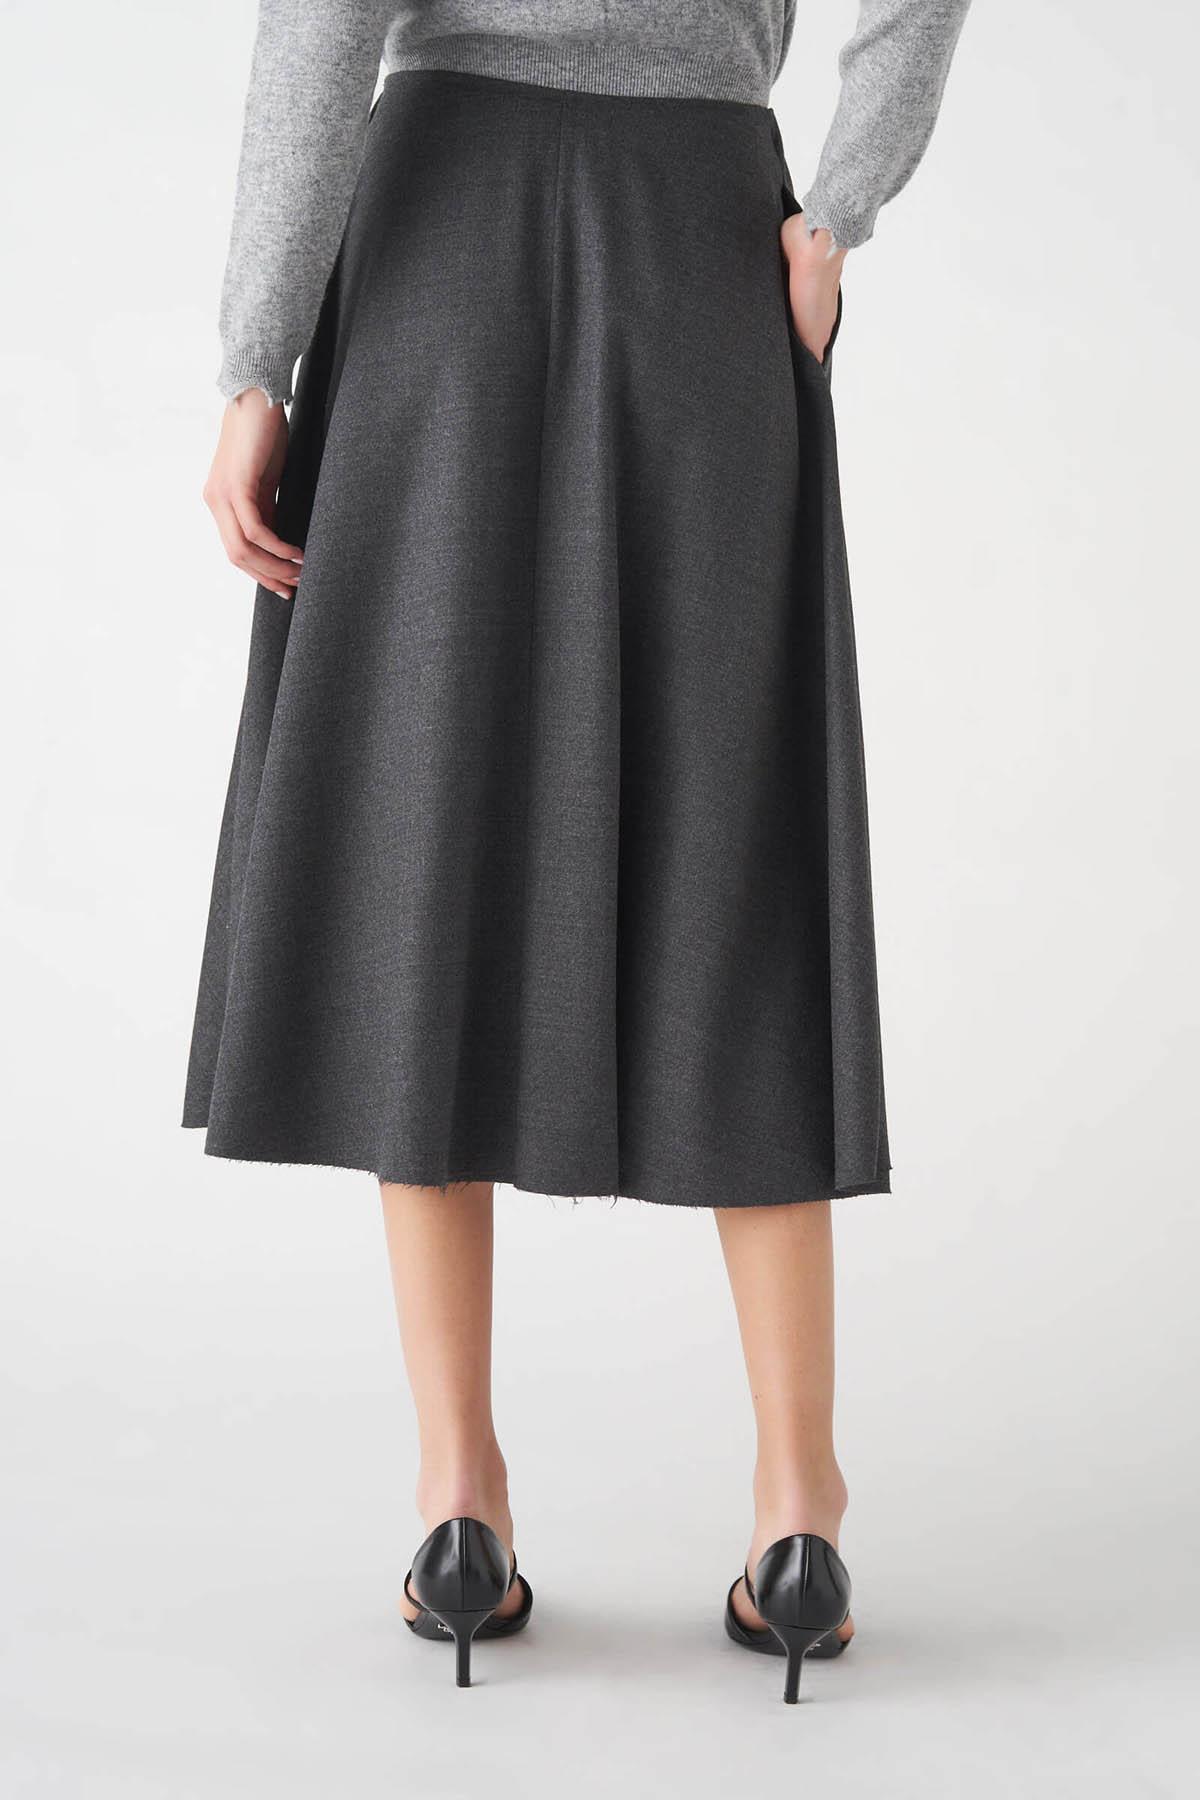 gonna in flanella di lana con elastico Grifoni   15   GL250023/15007